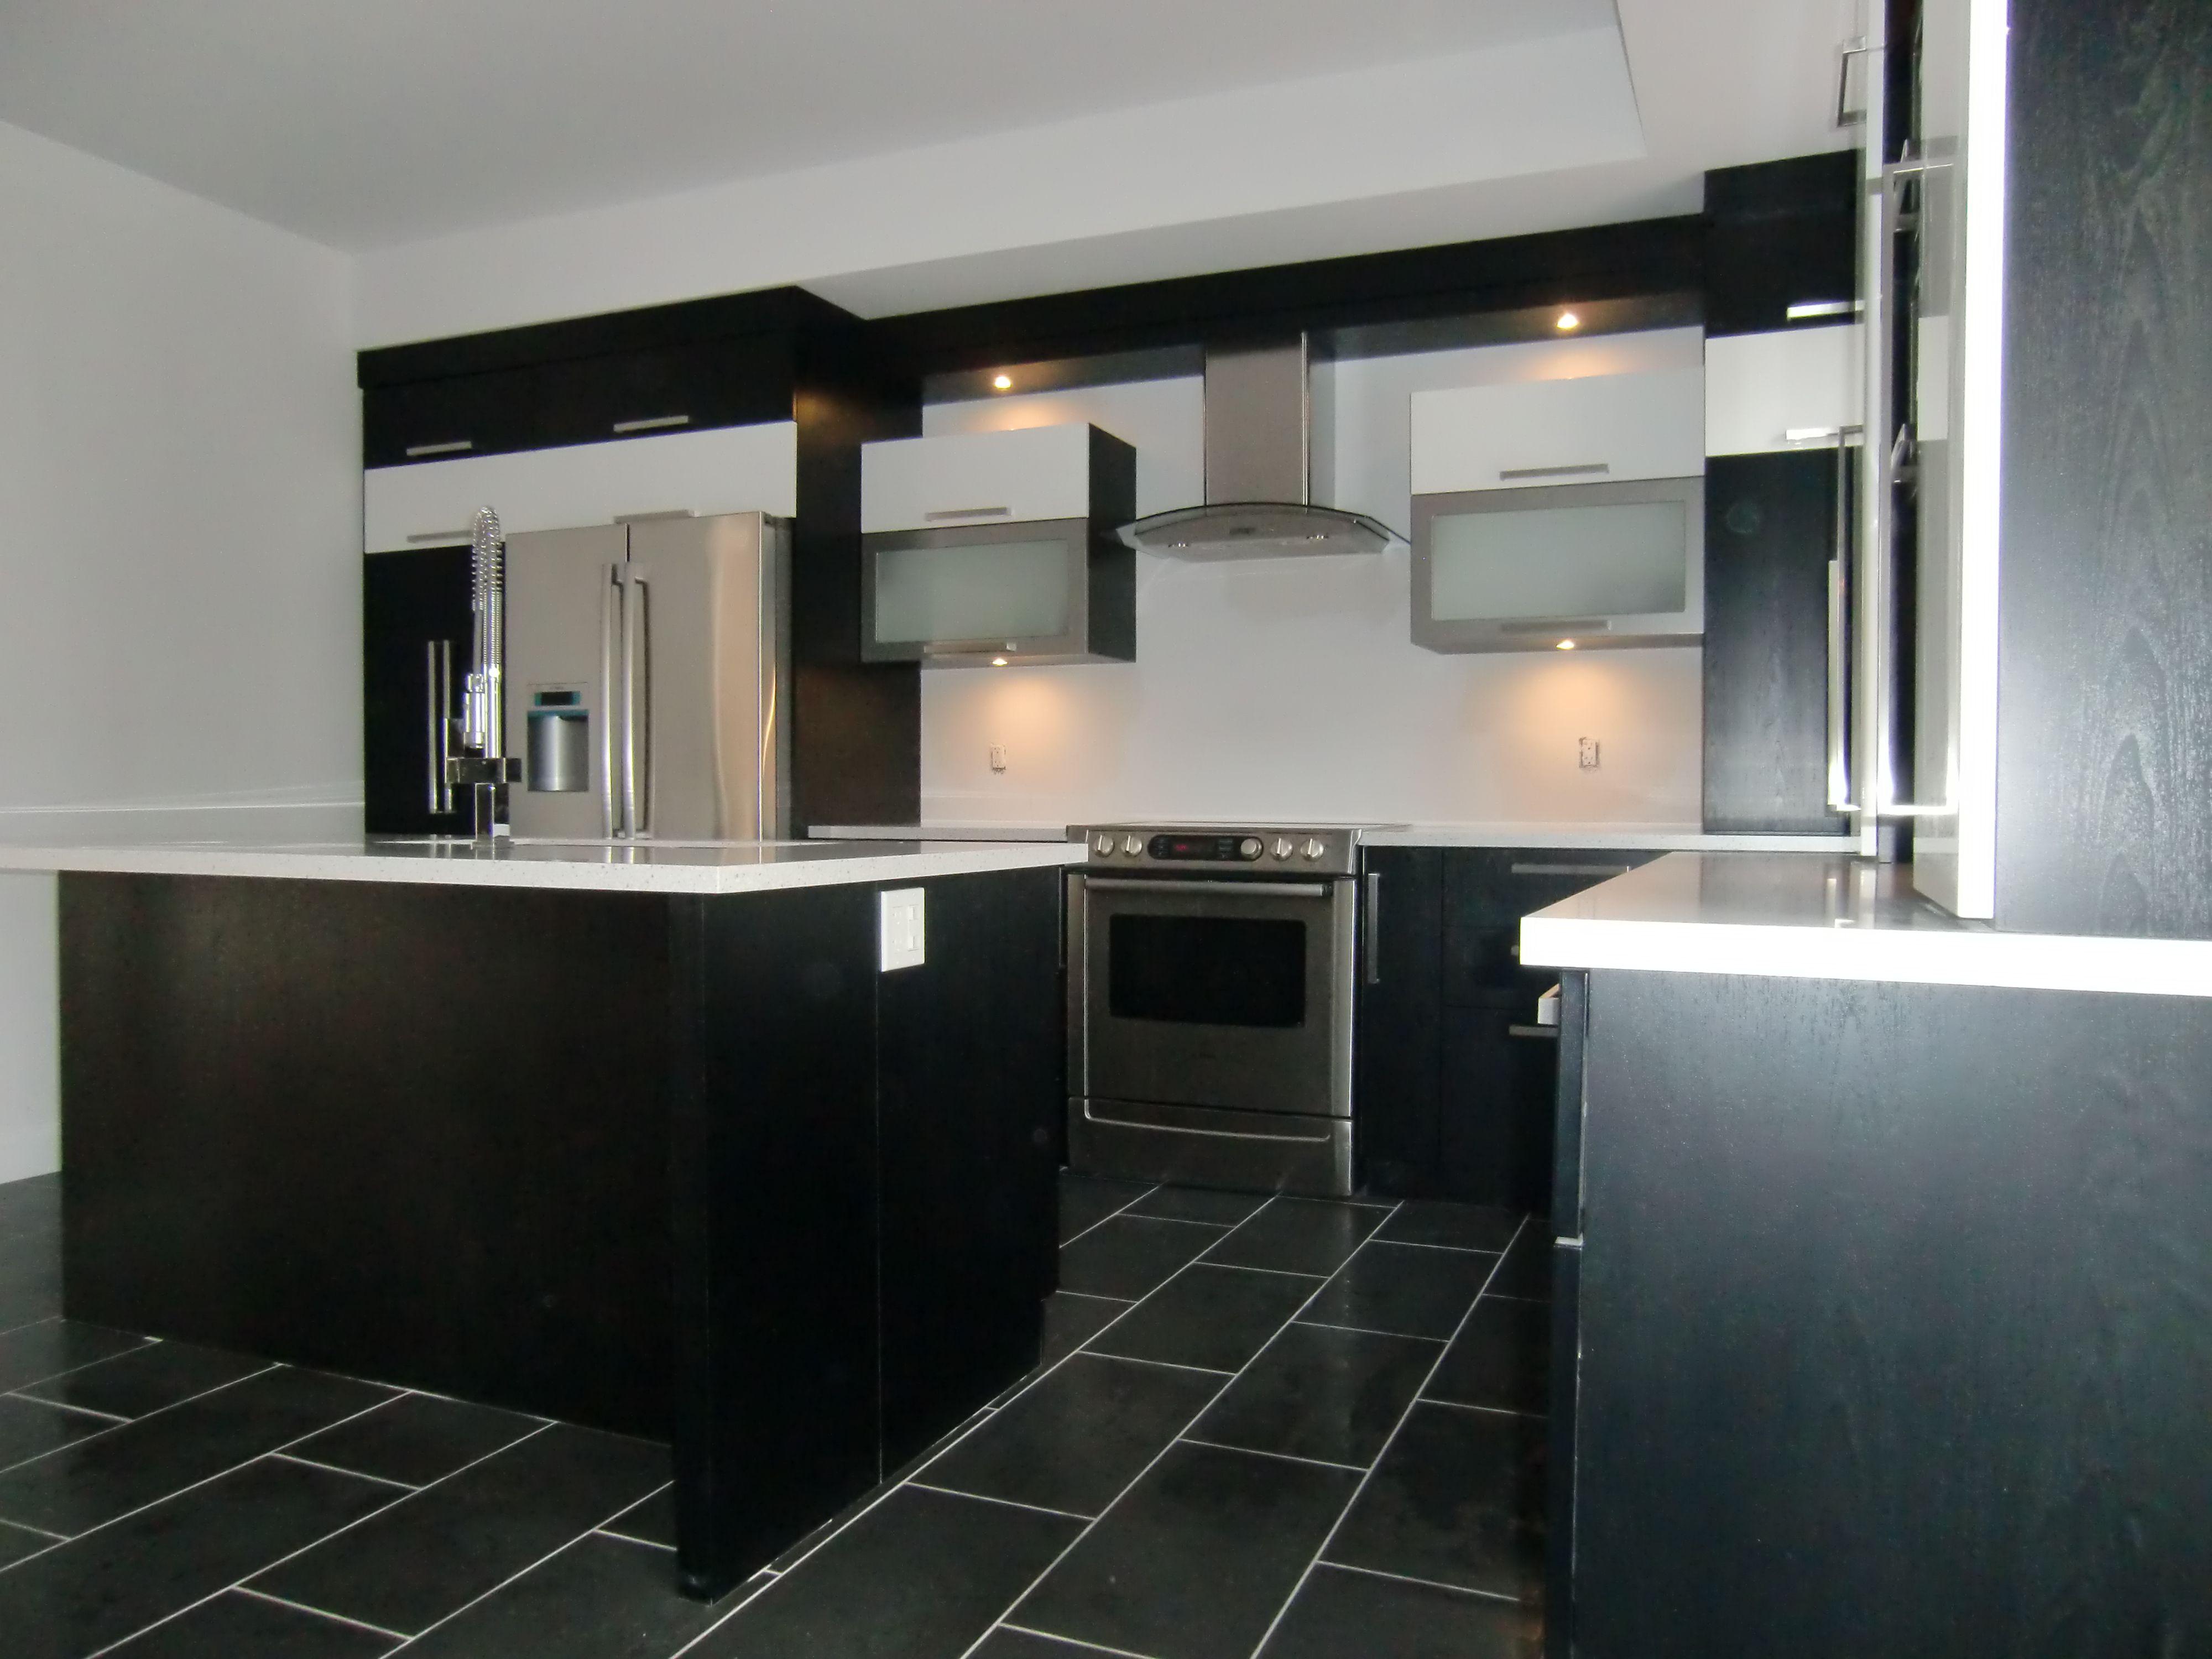 Armoire de cuisine moderne en thermoplastique couleur noir - Cuisine design noir et blanche ...